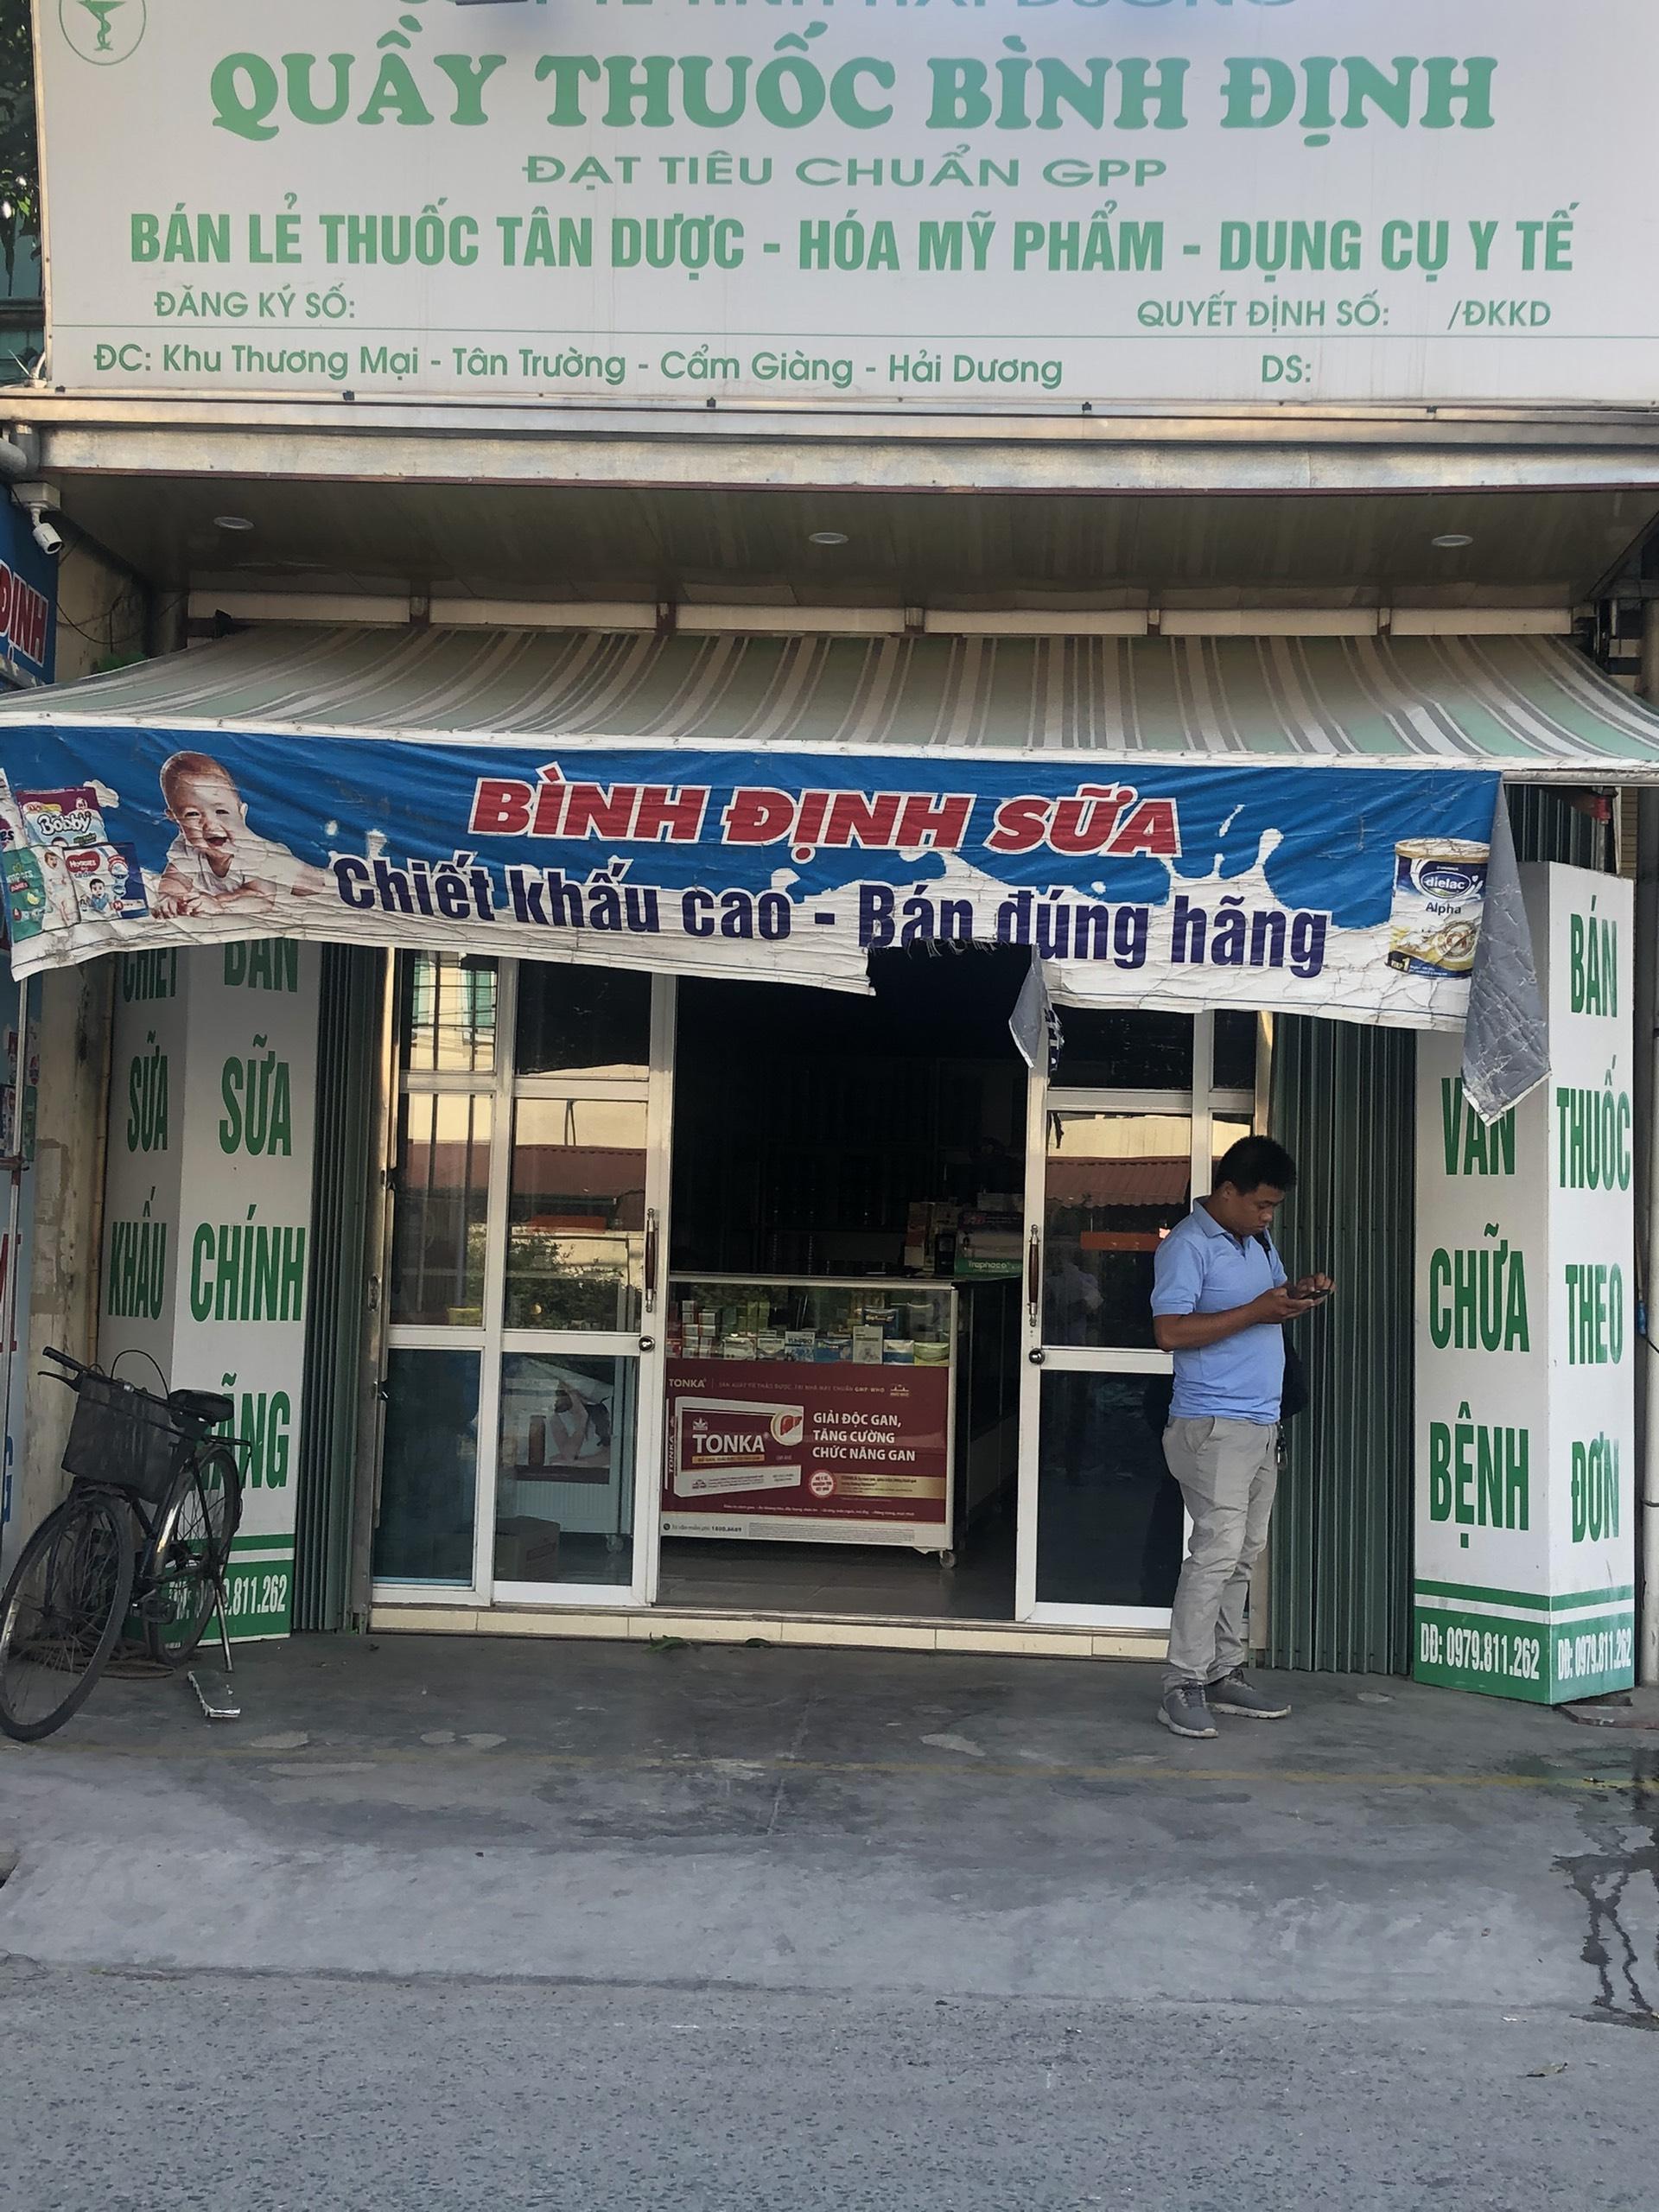 QT Bình Định